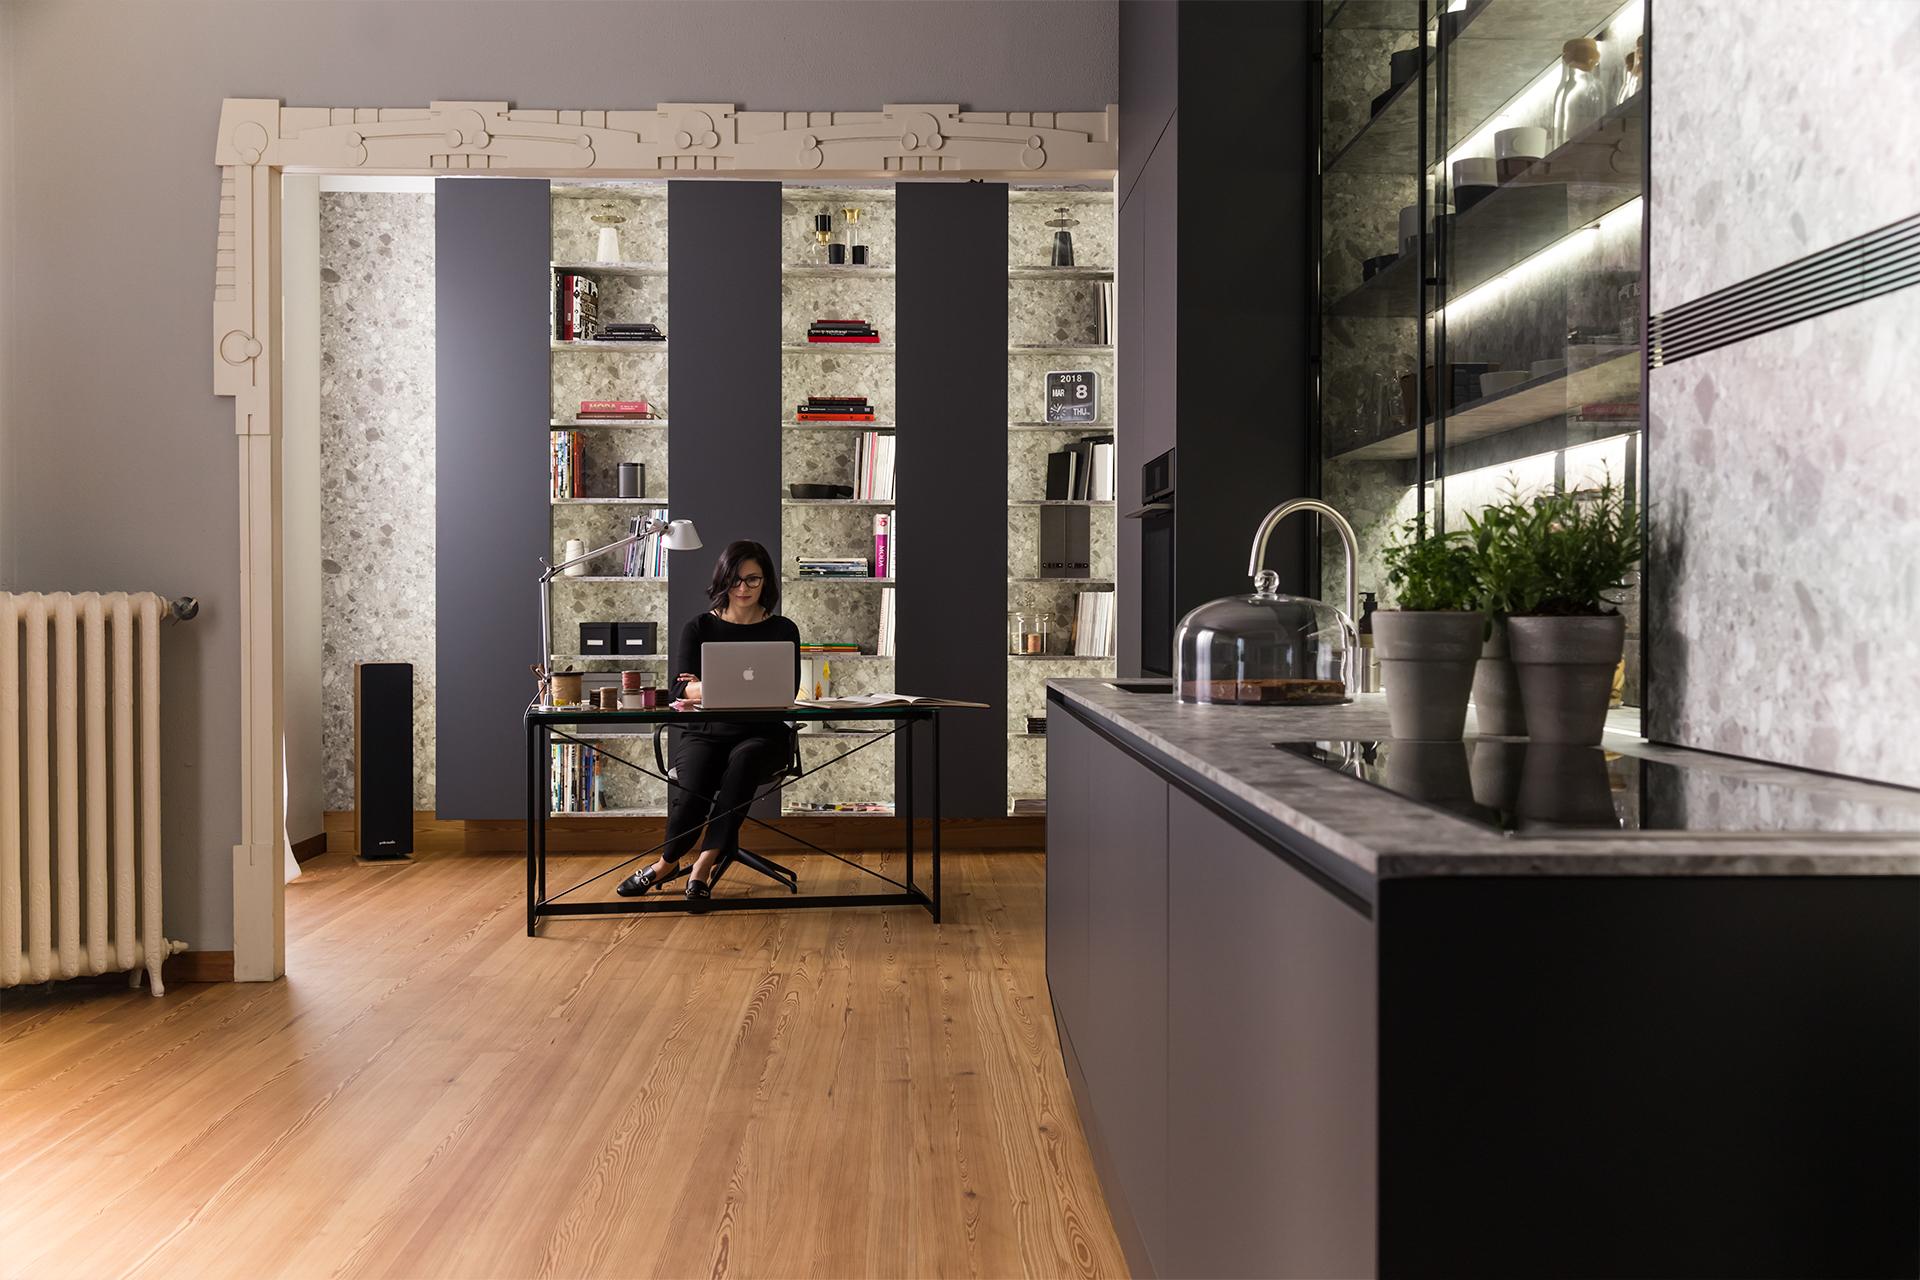 Trabajar en la cocina Santiago Interiores